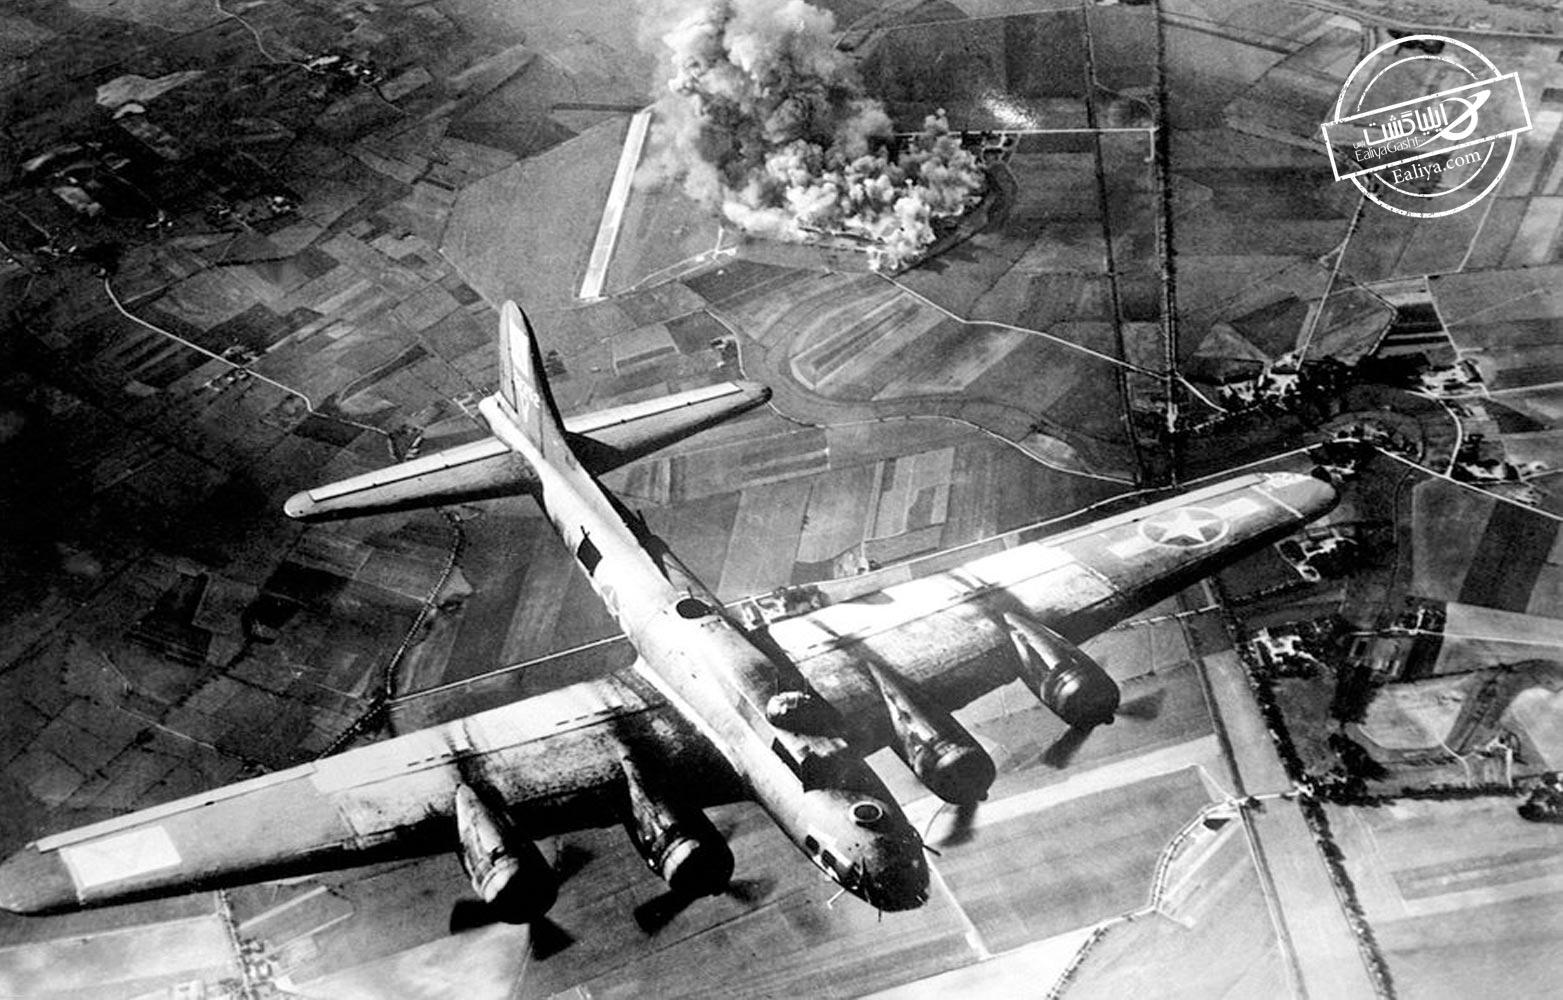 مختصری درباره نقش آلمان در جنگ جهانی دوم